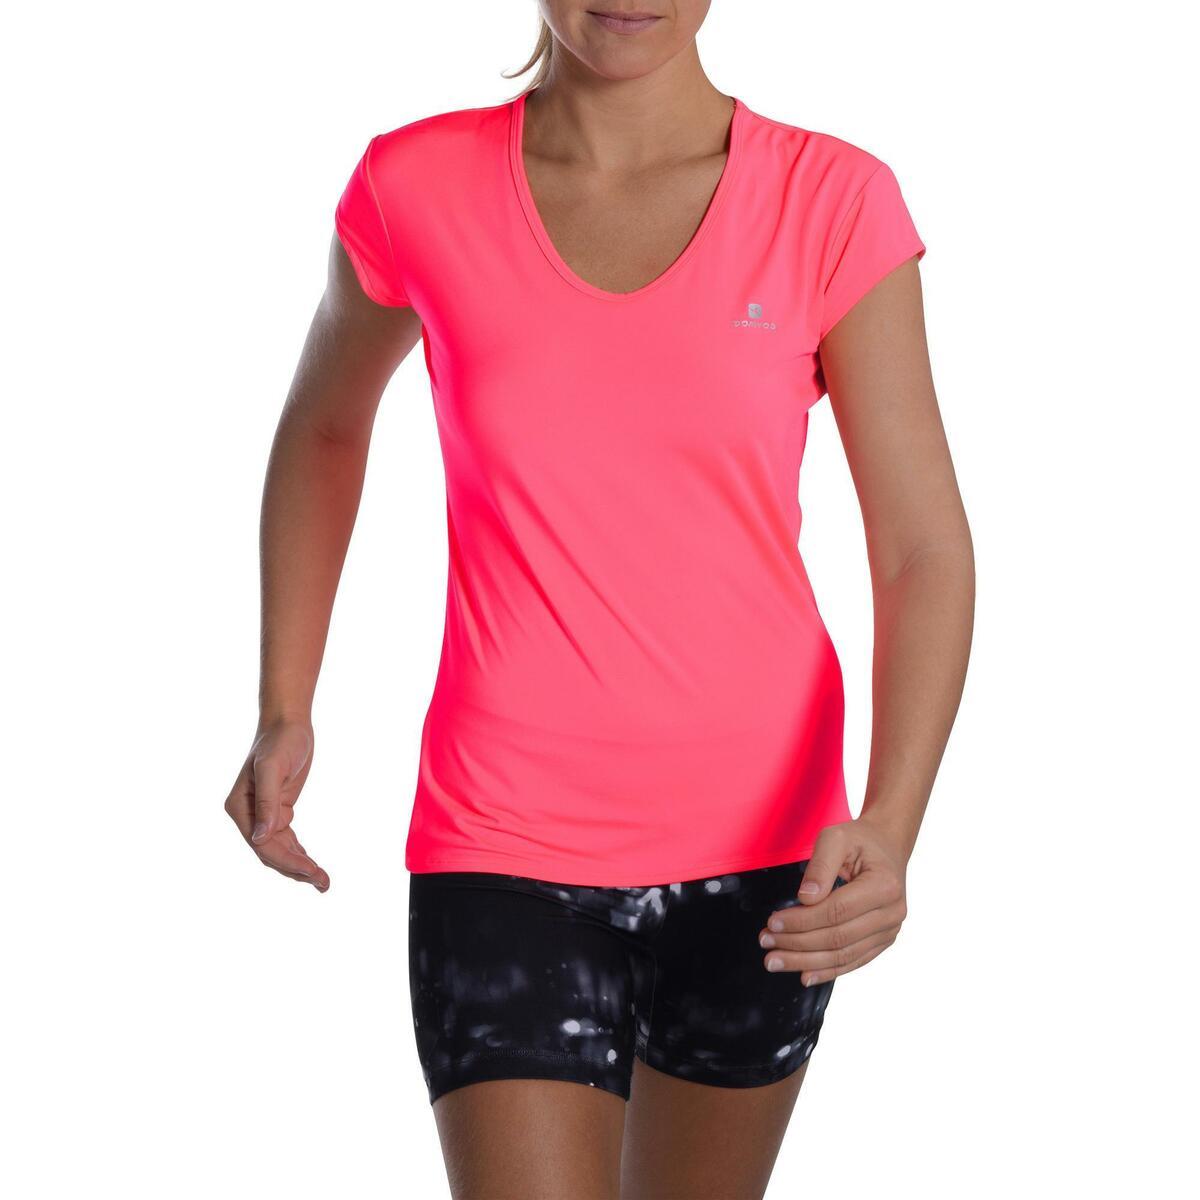 Bild 2 von T-Shirt FTS 100 Fitness Cardio Damen neonrosa